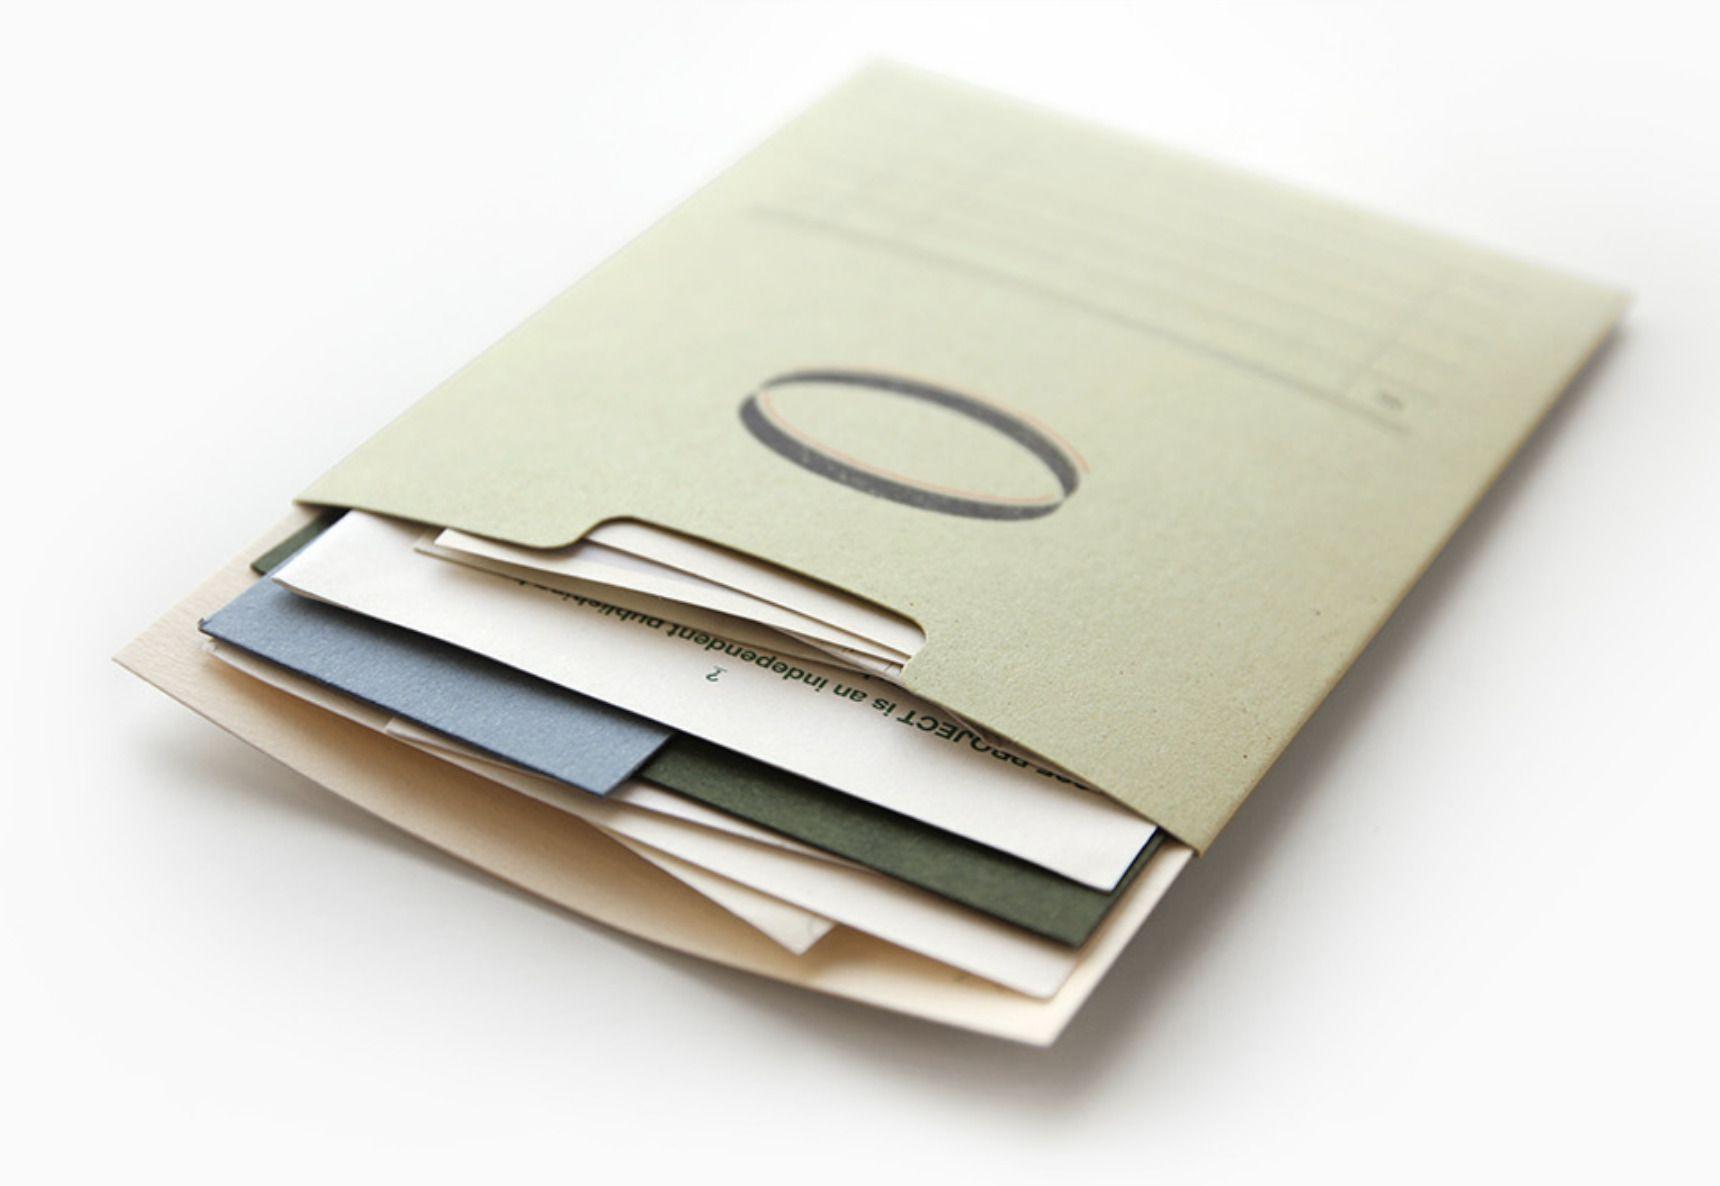 2pcs Small Index Pocket Holder